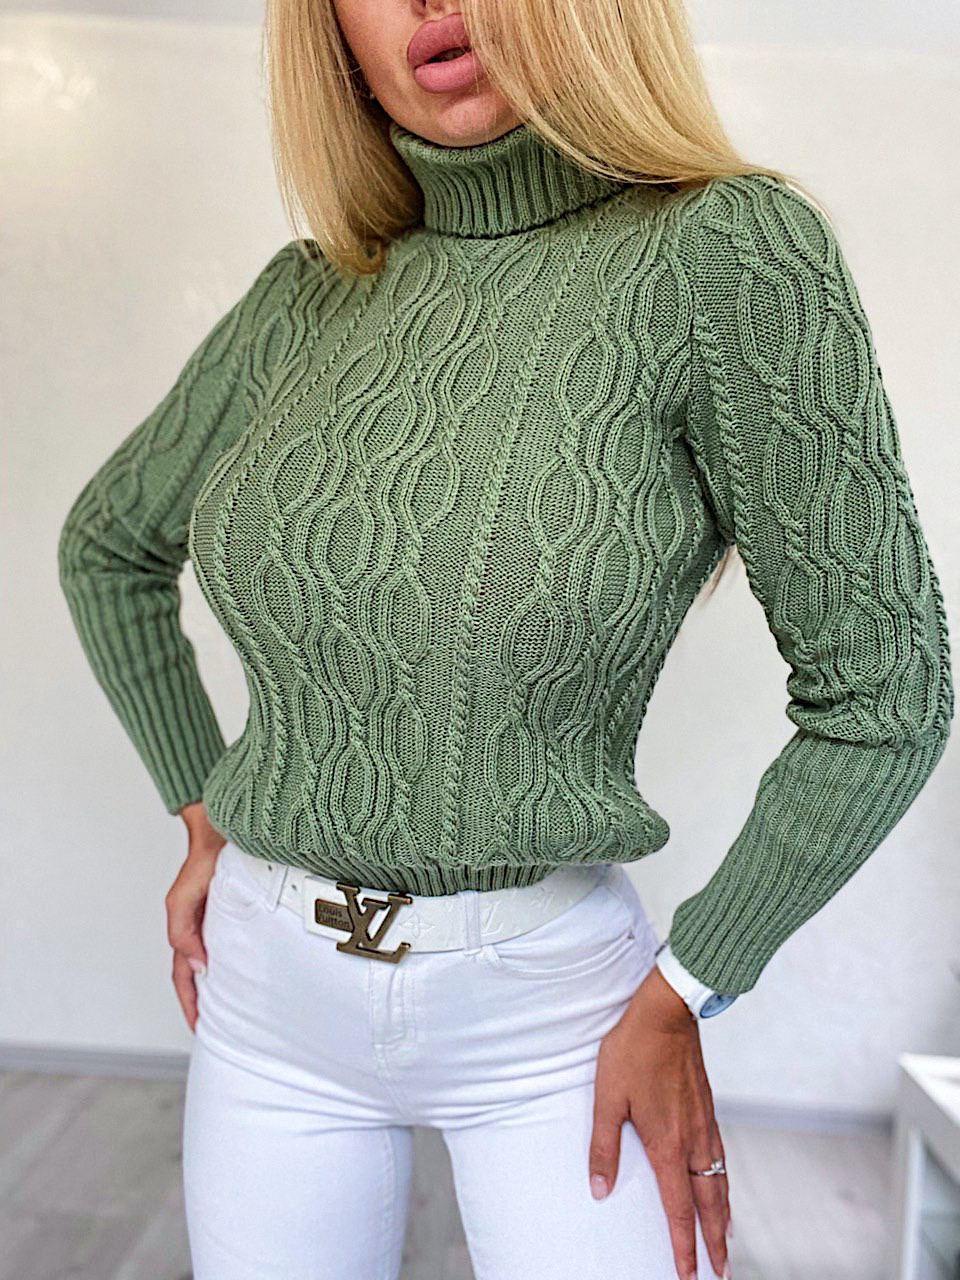 Женский приталенный вязаный свитер полушерстяной с узорами - косами (р. 42-46) 404982